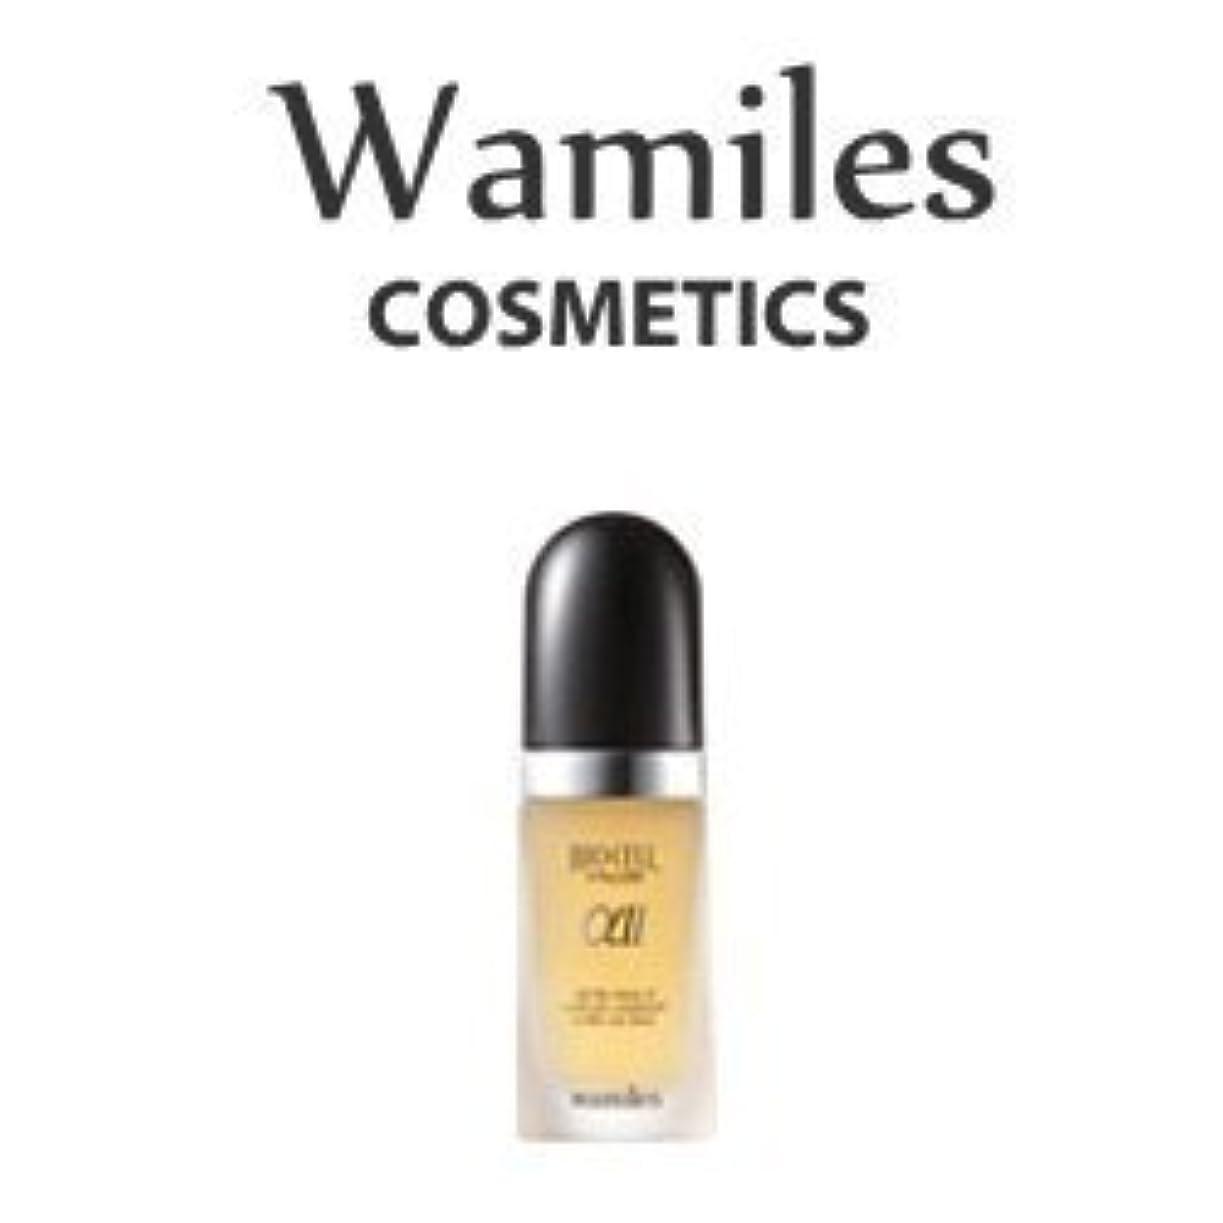 ナイロンくさび論争wamiles/ワミレス ビオセル バイタライザーα2 38ml 美容 化粧水